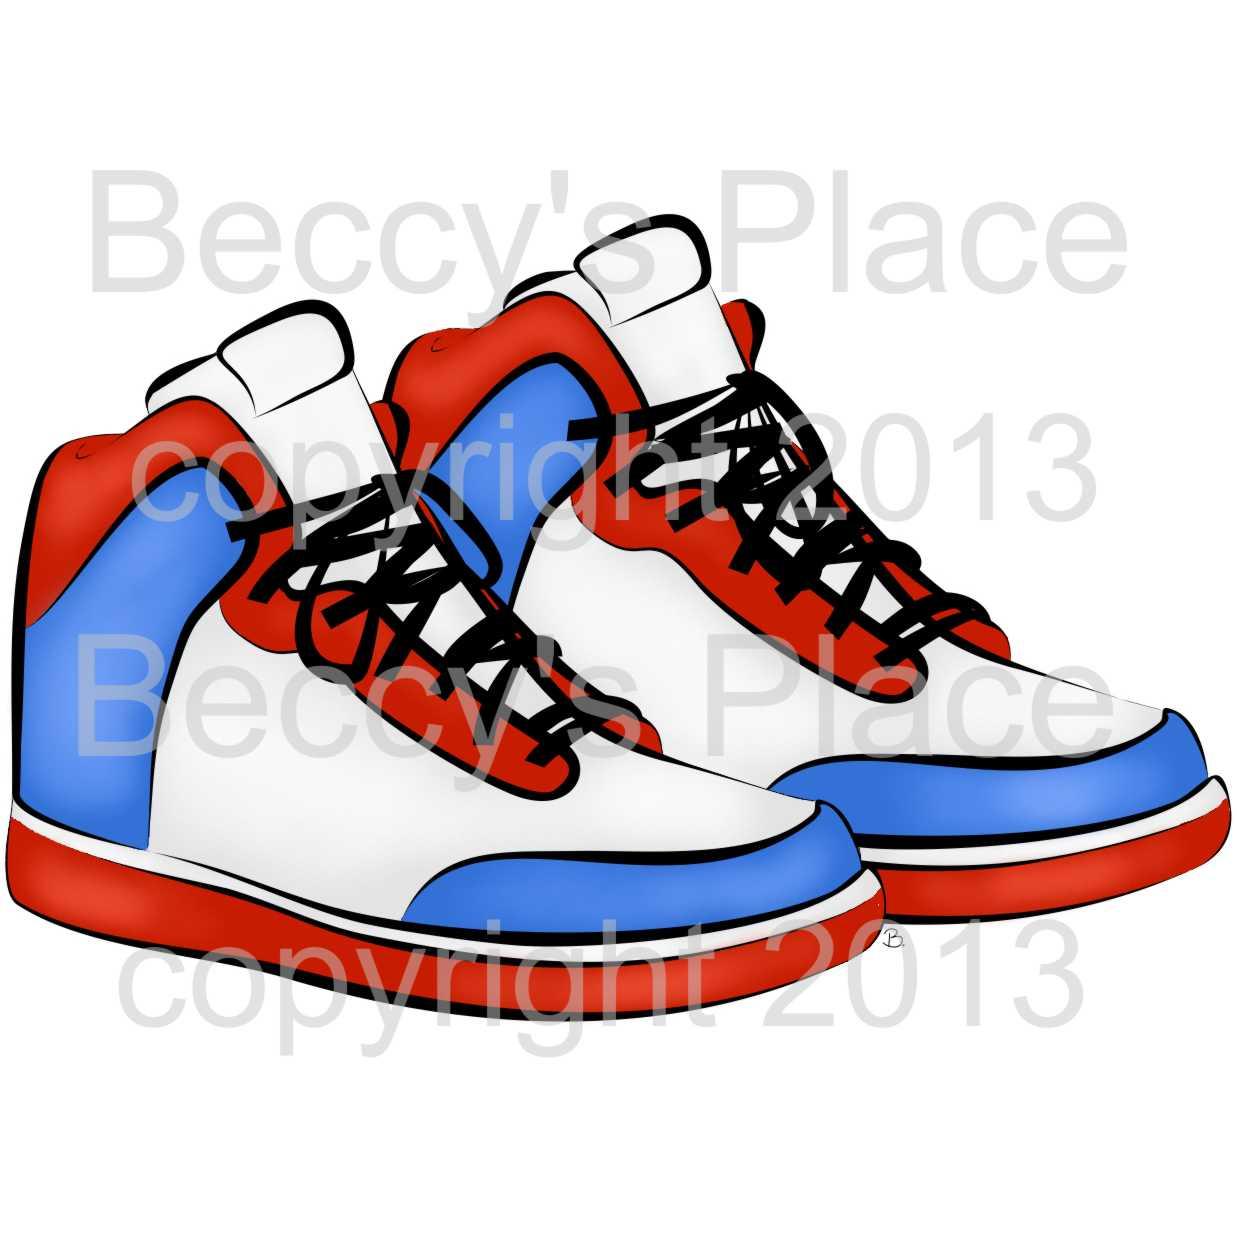 1237x1236 Kd Shoes Clipart